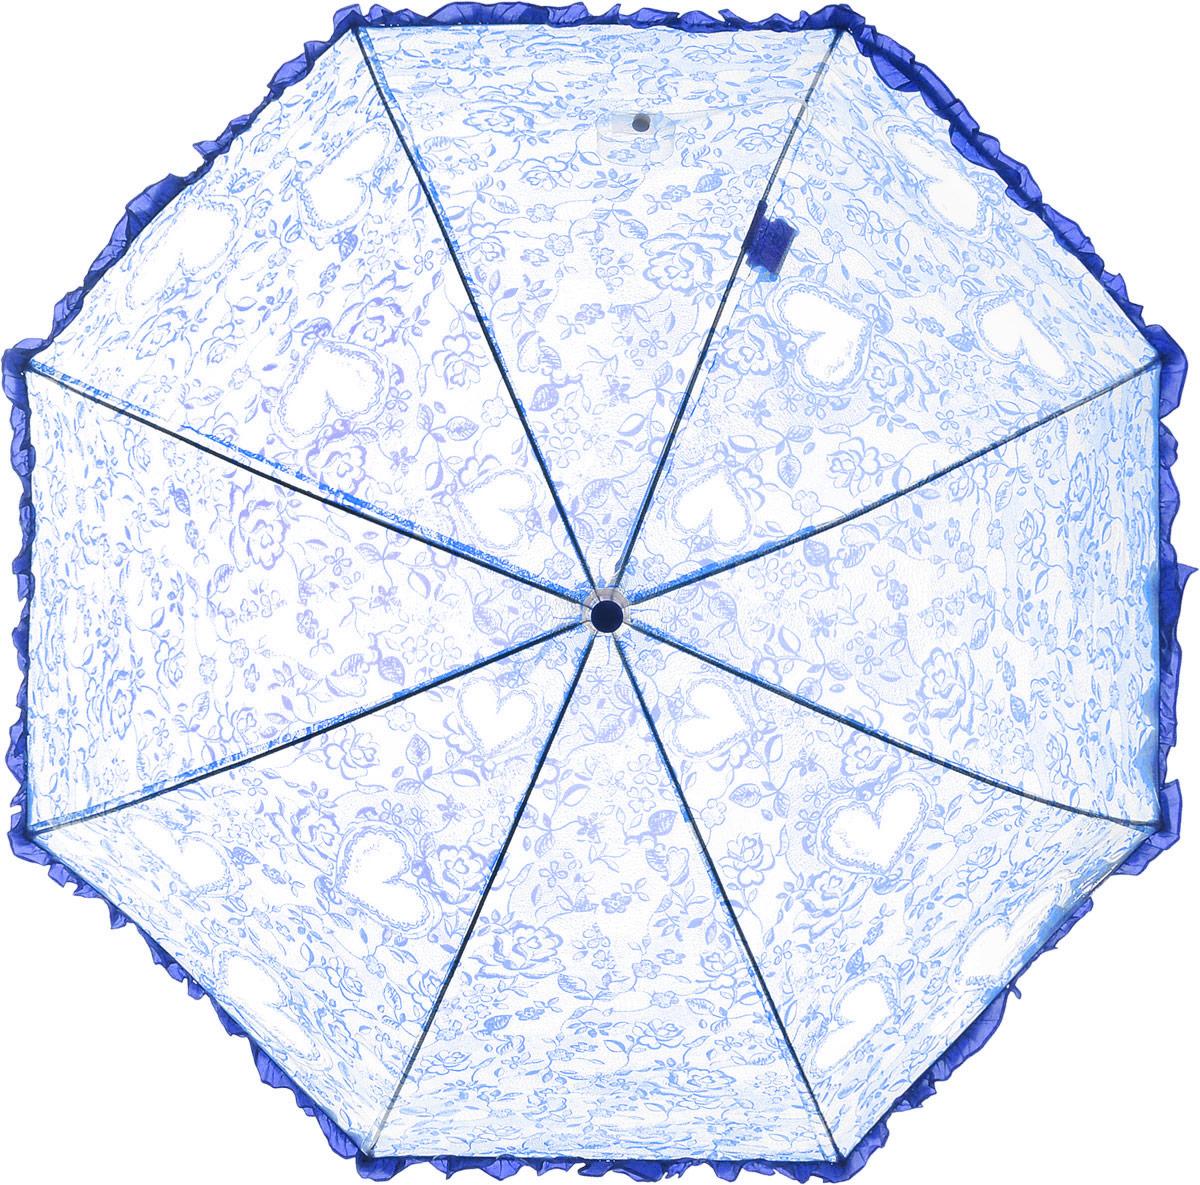 Зонт детский Airton, механический, трость, цвет: прозрачный, синий. 1651-051651-05Замечательный прозрачный зонтик для юной модницы с рисунком Сердечки. Механихм зонта - полуавтомат. Аксессуар сделан с соблюдением всех стандартов безопасности, острые концы заблокированы специальными клипсами, ручка в форме крюка позволит легко повесить зонт даже на собственную руку.